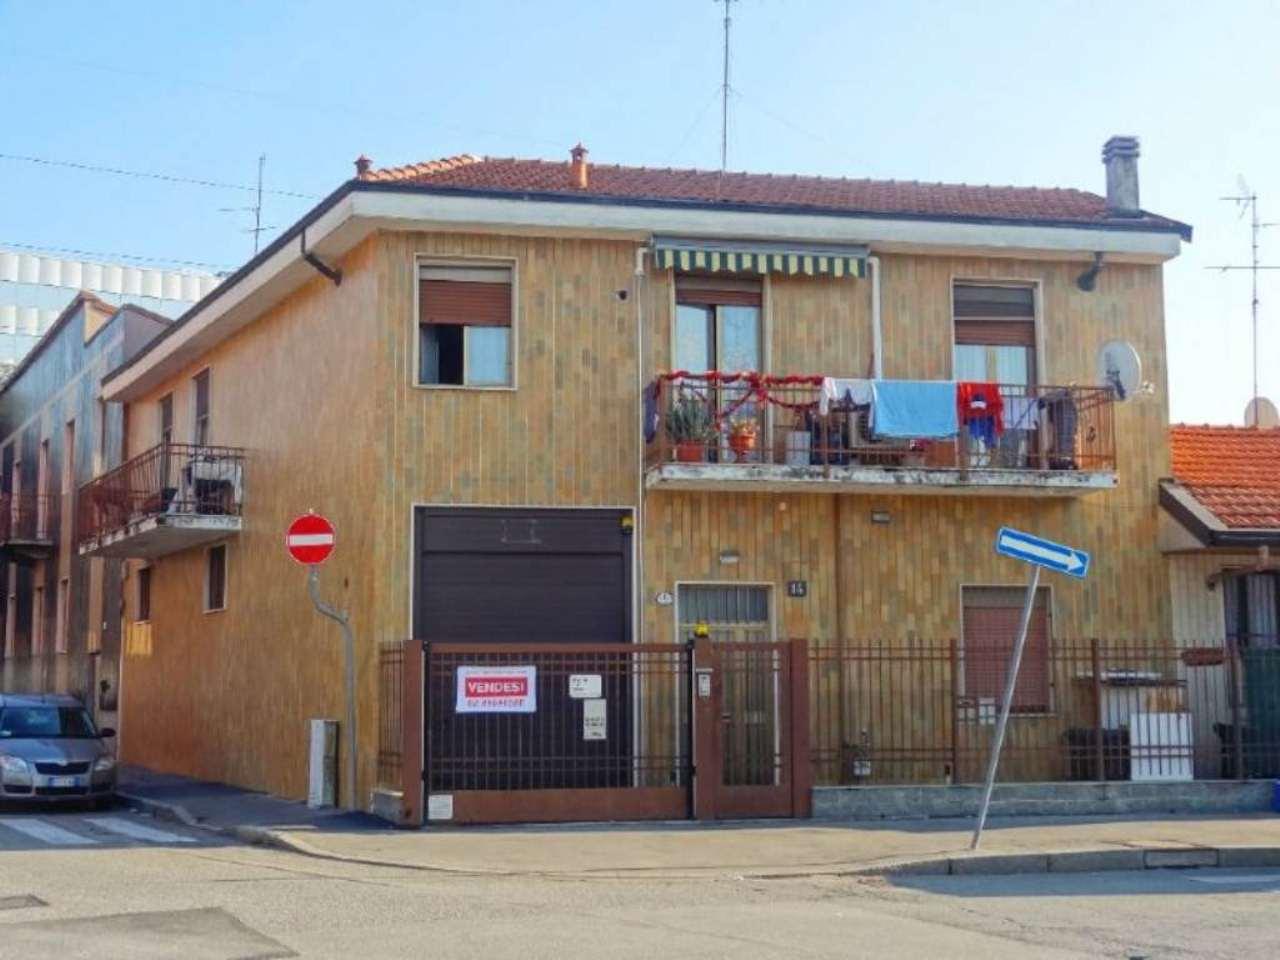 Casa indipendente in Vendita a Milano 20 Bicocca / Crescenzago / Cimiano: 5 locali, 282 mq